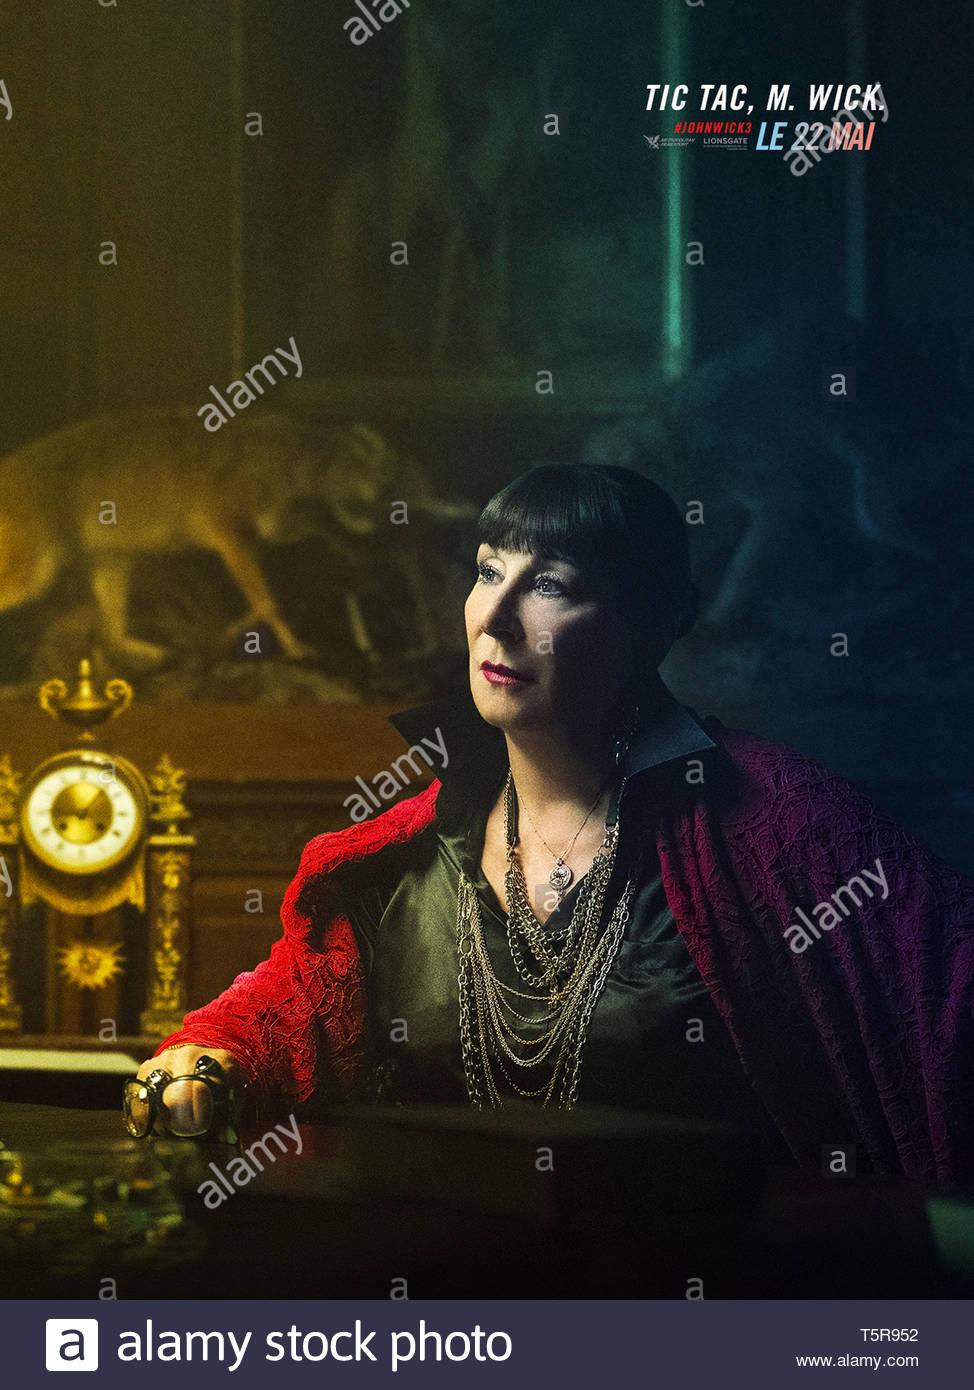 JOHN WICK PARABELLUM JOHN WICK: CHAPTER 3 - PARABELLUM 2019 de Chad Stahelski teaser français Anjelica Huston. action; suite; sequel; sequelle d'apres - Stock Image